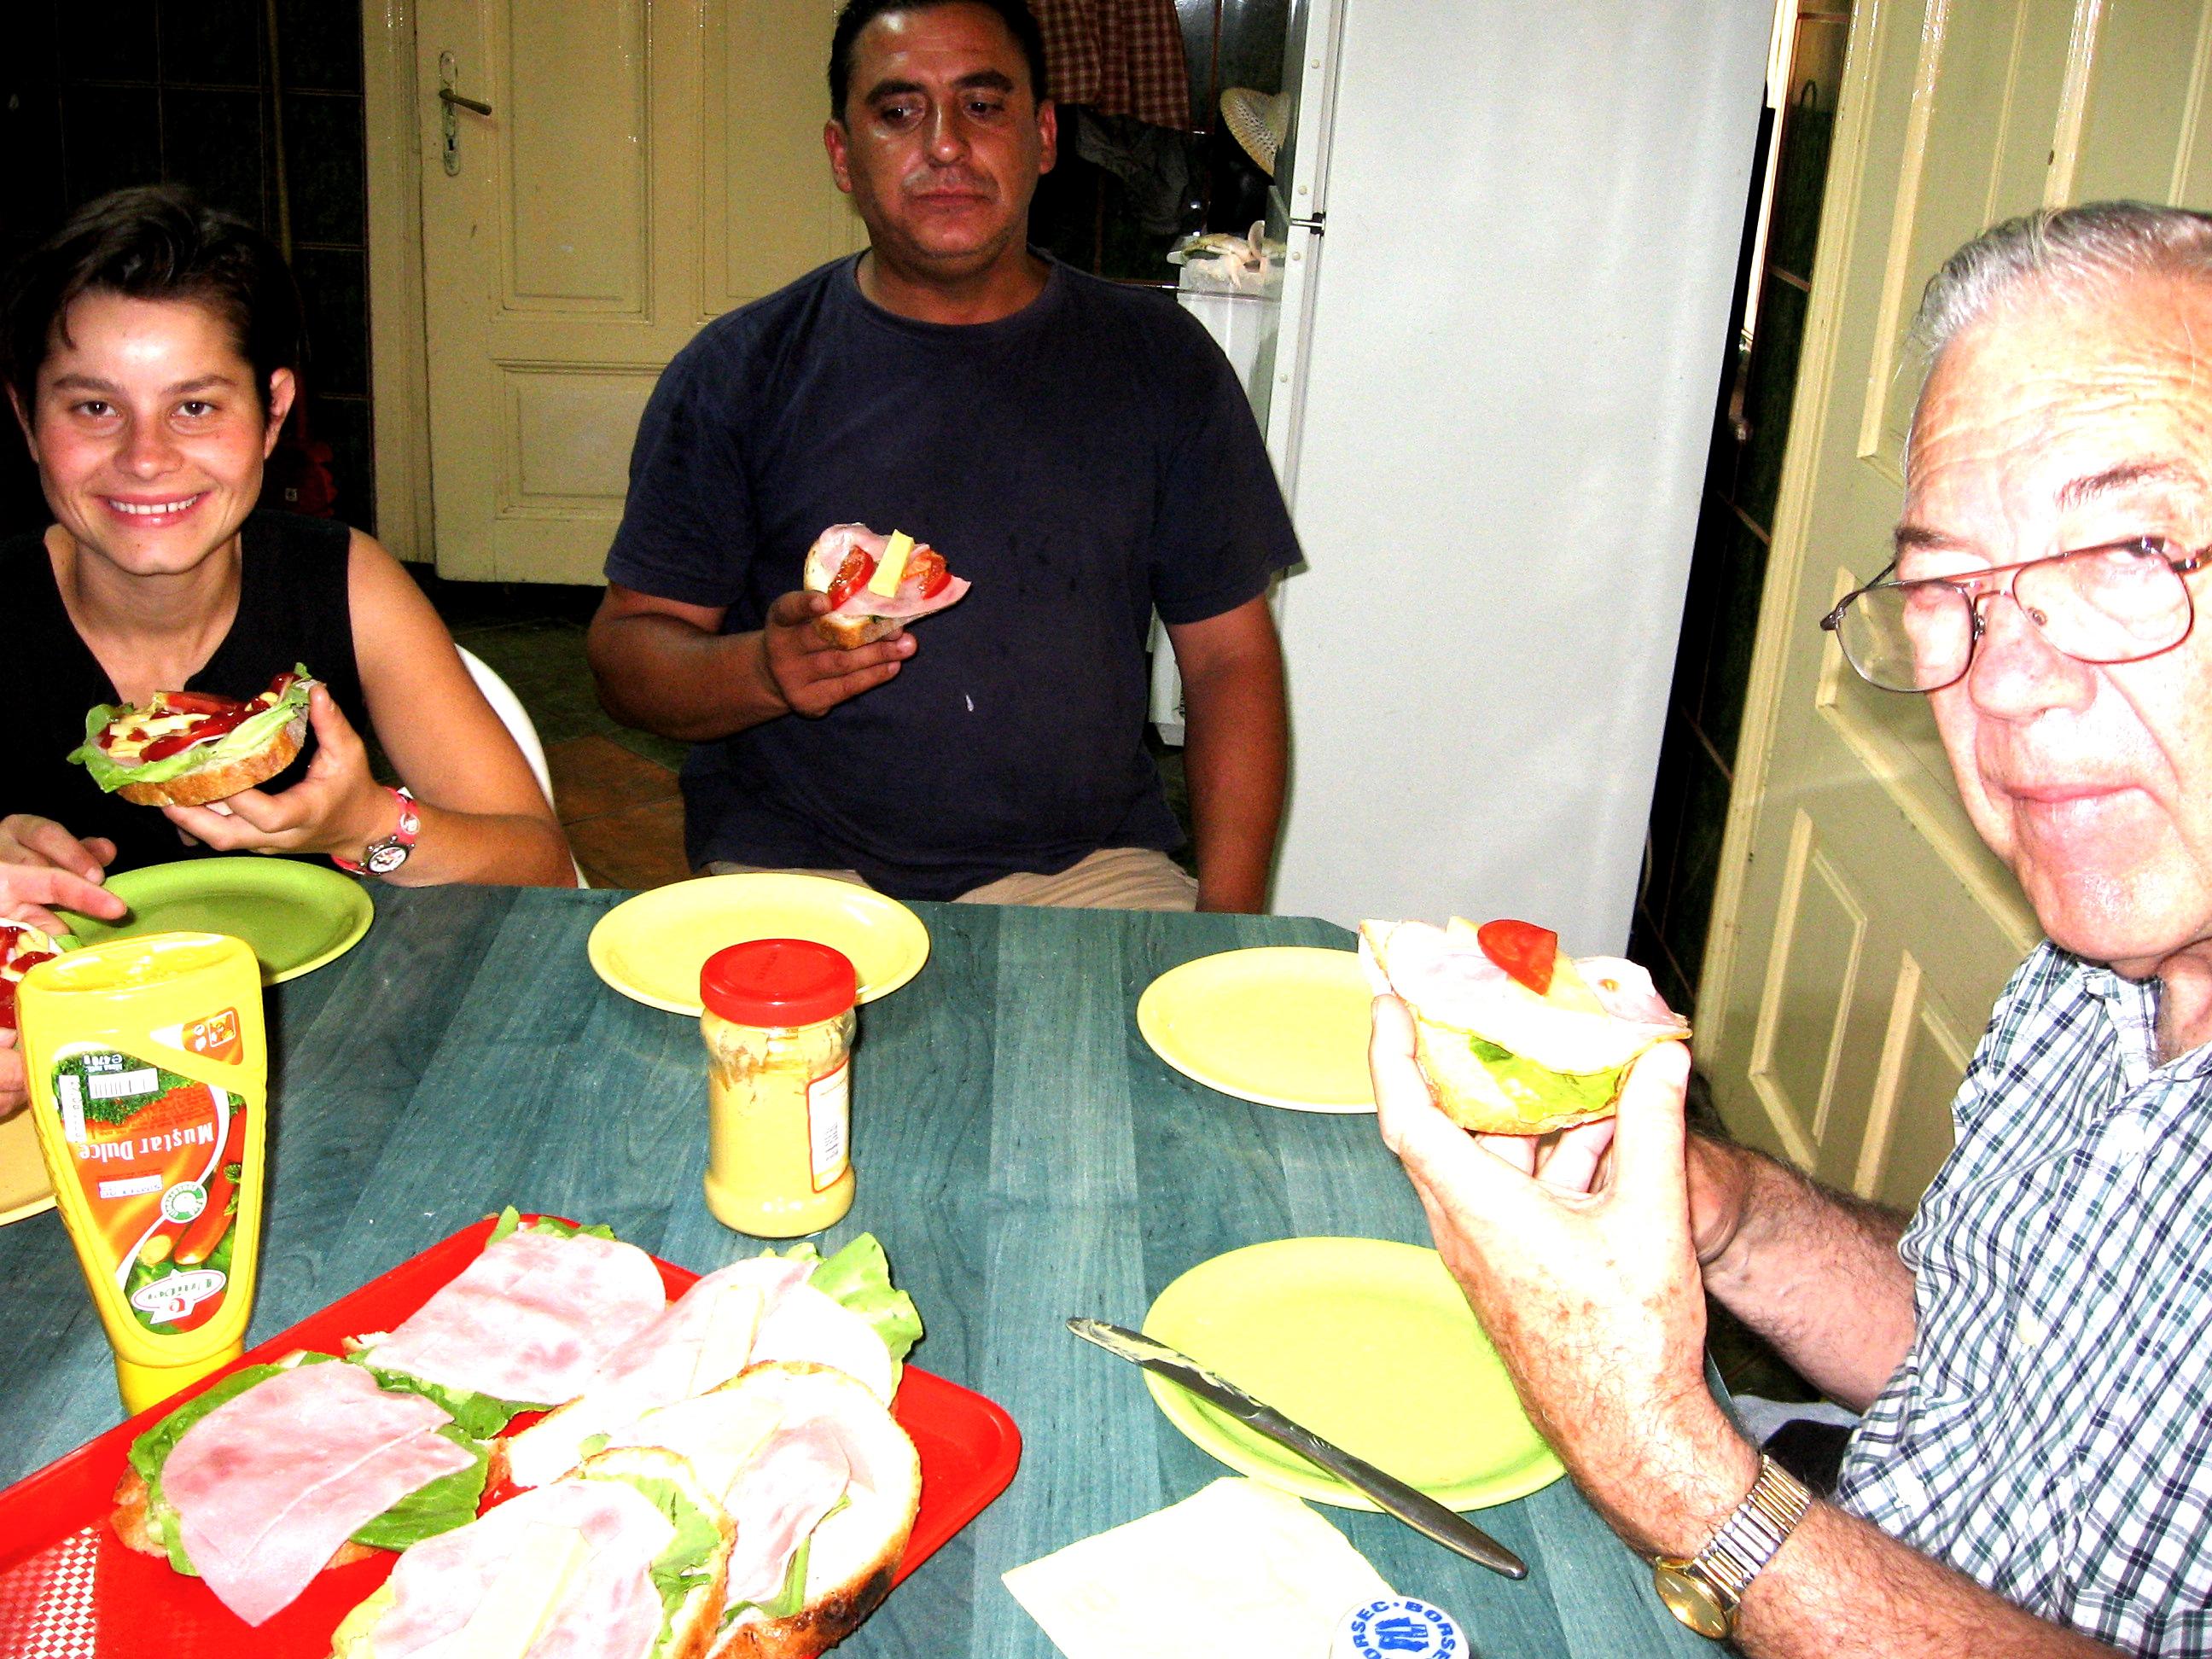 Marioara, Sebastian & Dan Enjoy Sandwiches at Agape